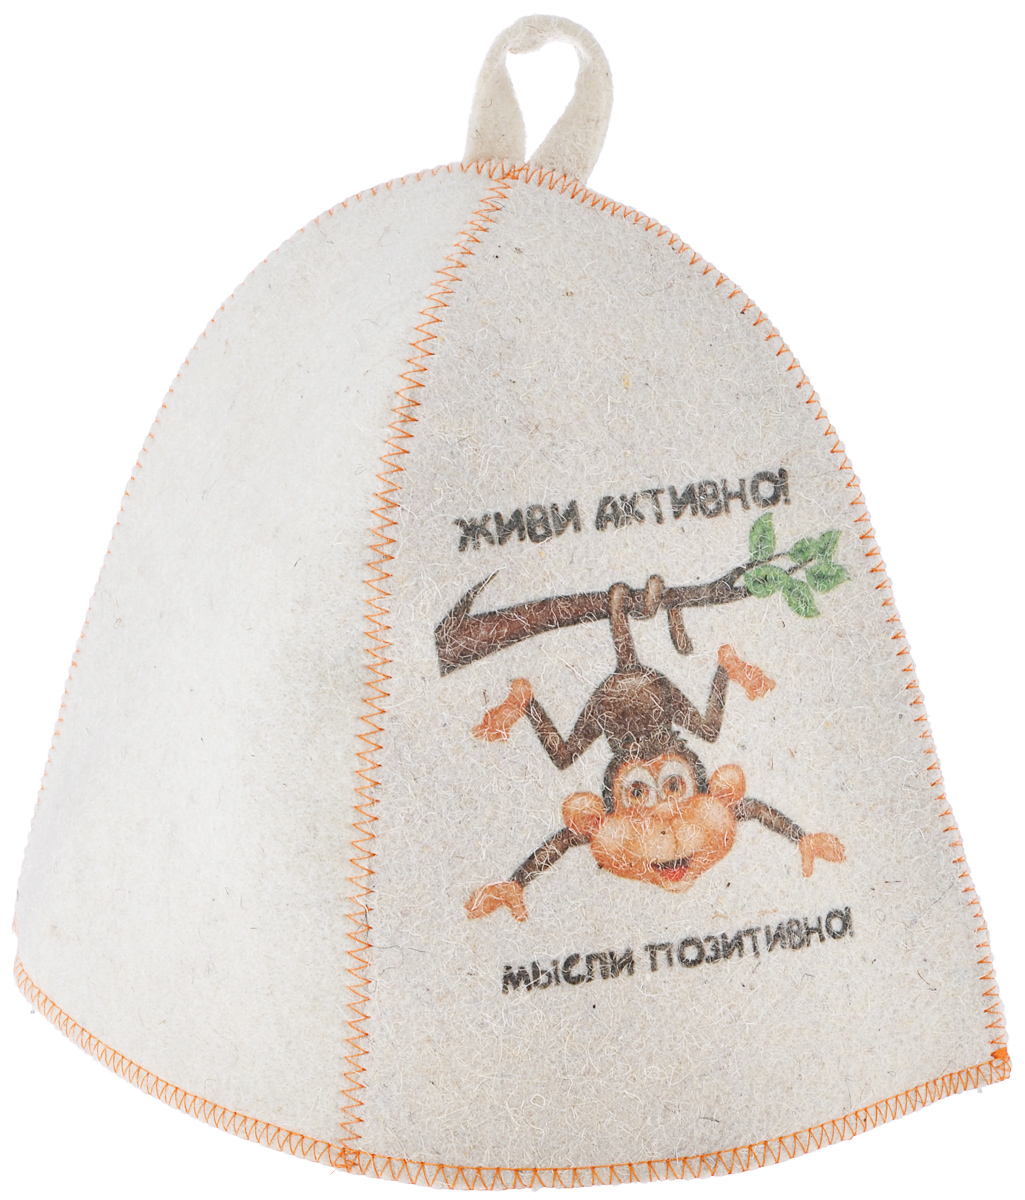 """Банная шапка """"Живи активно, мысли позитивно!"""" изготовлена из высококачественного войлока. Банная шапка - это незаменимый аксессуар для любителей попариться в русской бане и для тех, кто предпочитает сухой жар финской бани. К тому же шапка защитит волосы от сухости и ломкости, голову от перегрева и предотвратит появление головокружения.   На шапке имеется петелька, с помощью которой ее можно повесить на крючок в предбаннике.   Такая шапка станет отличным подарком для любителей отдыха в бане или сауне. Диаметр шапки: 70 см. Высота шапки: 24 см."""